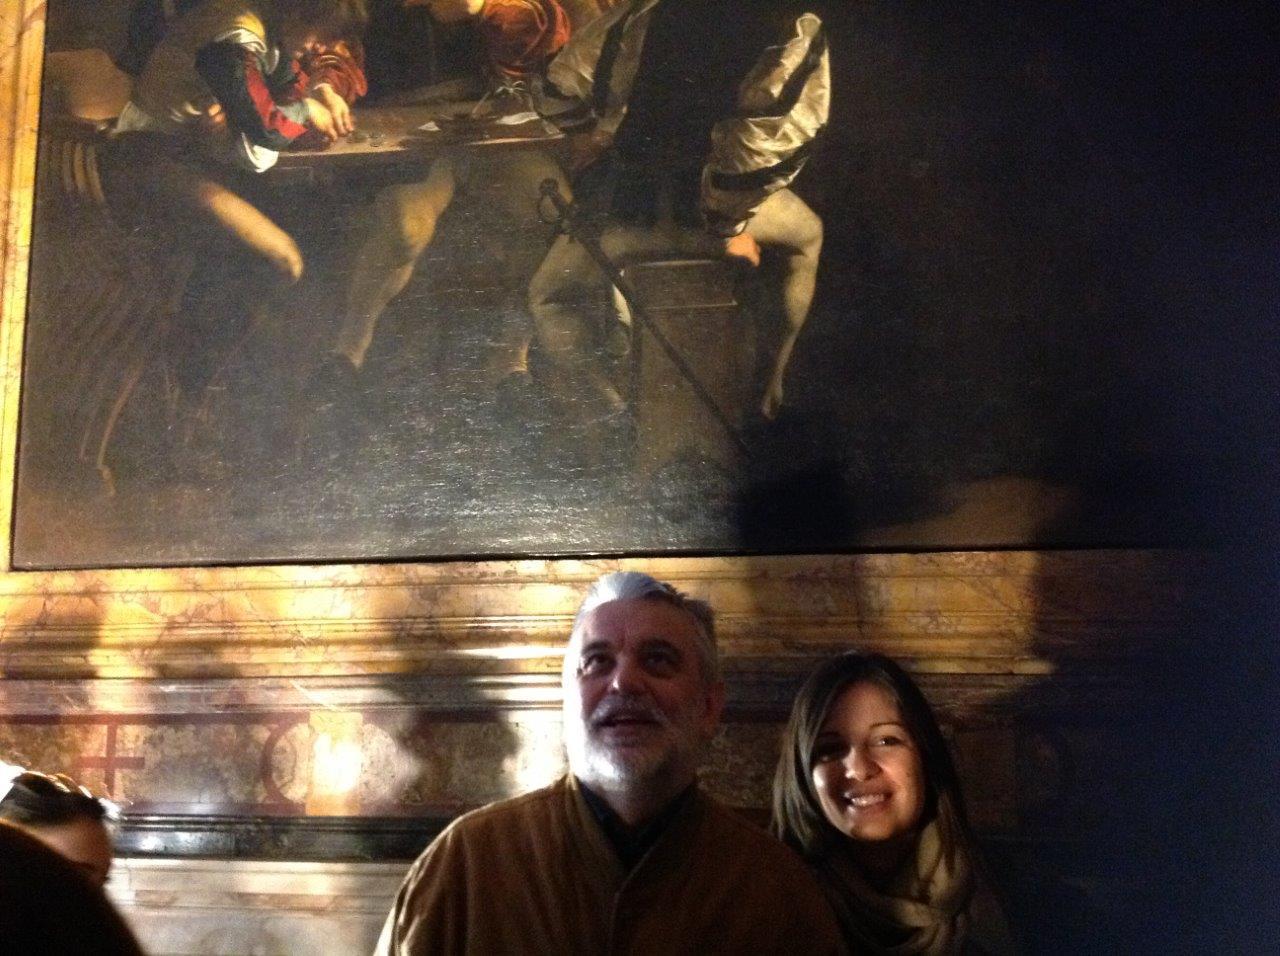 Con la figlia Beatrice e gli studenti dell'Università del Salento dinnanzi a un Caravaggio, Roma 2014